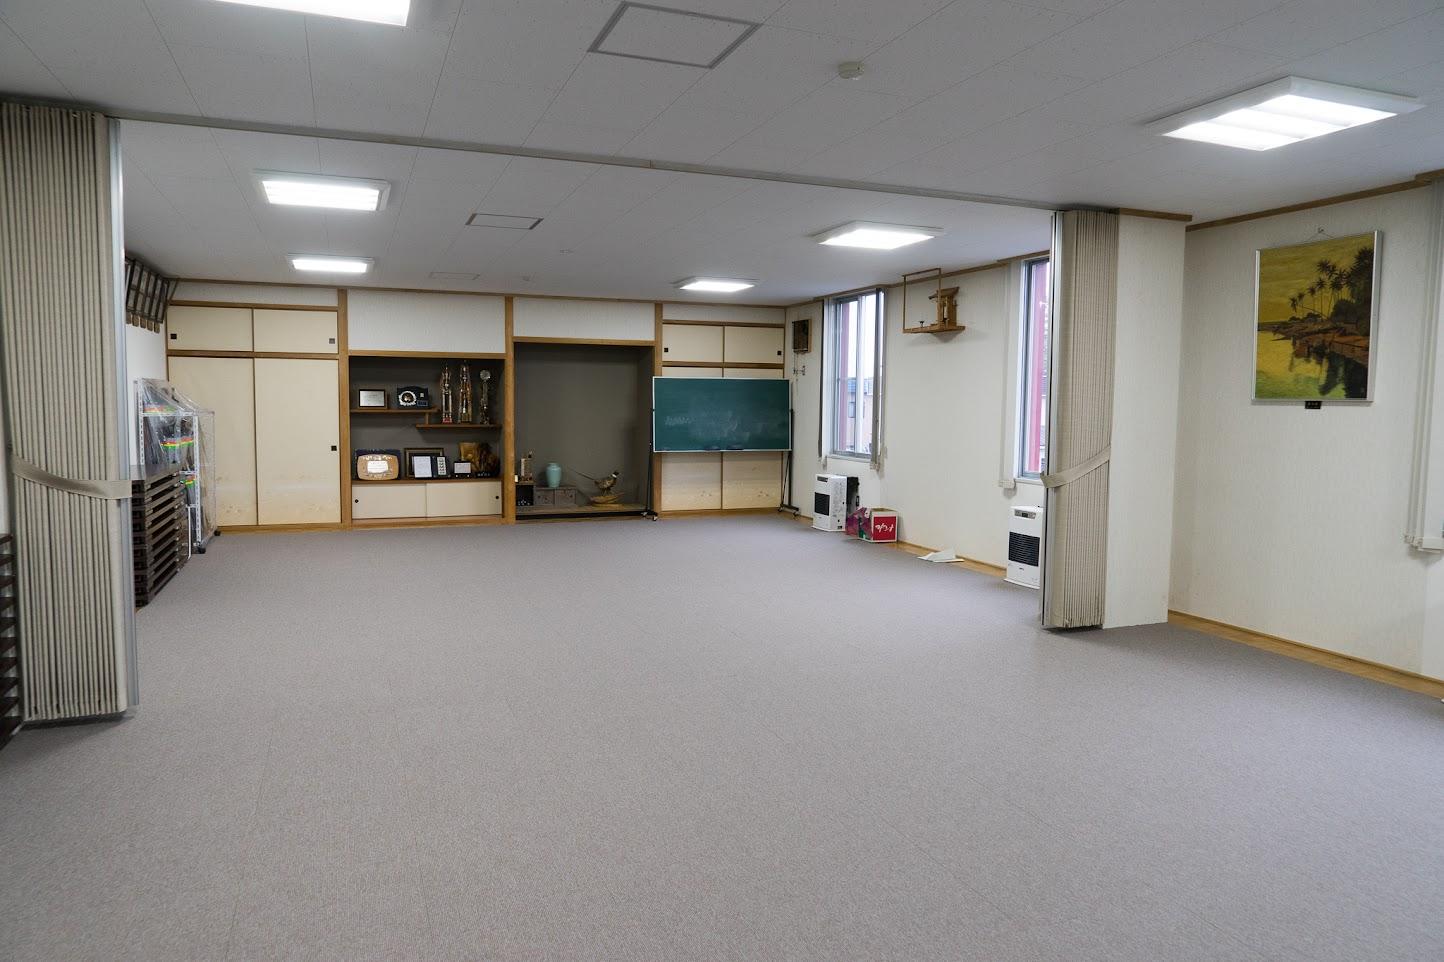 2階研修室床改修